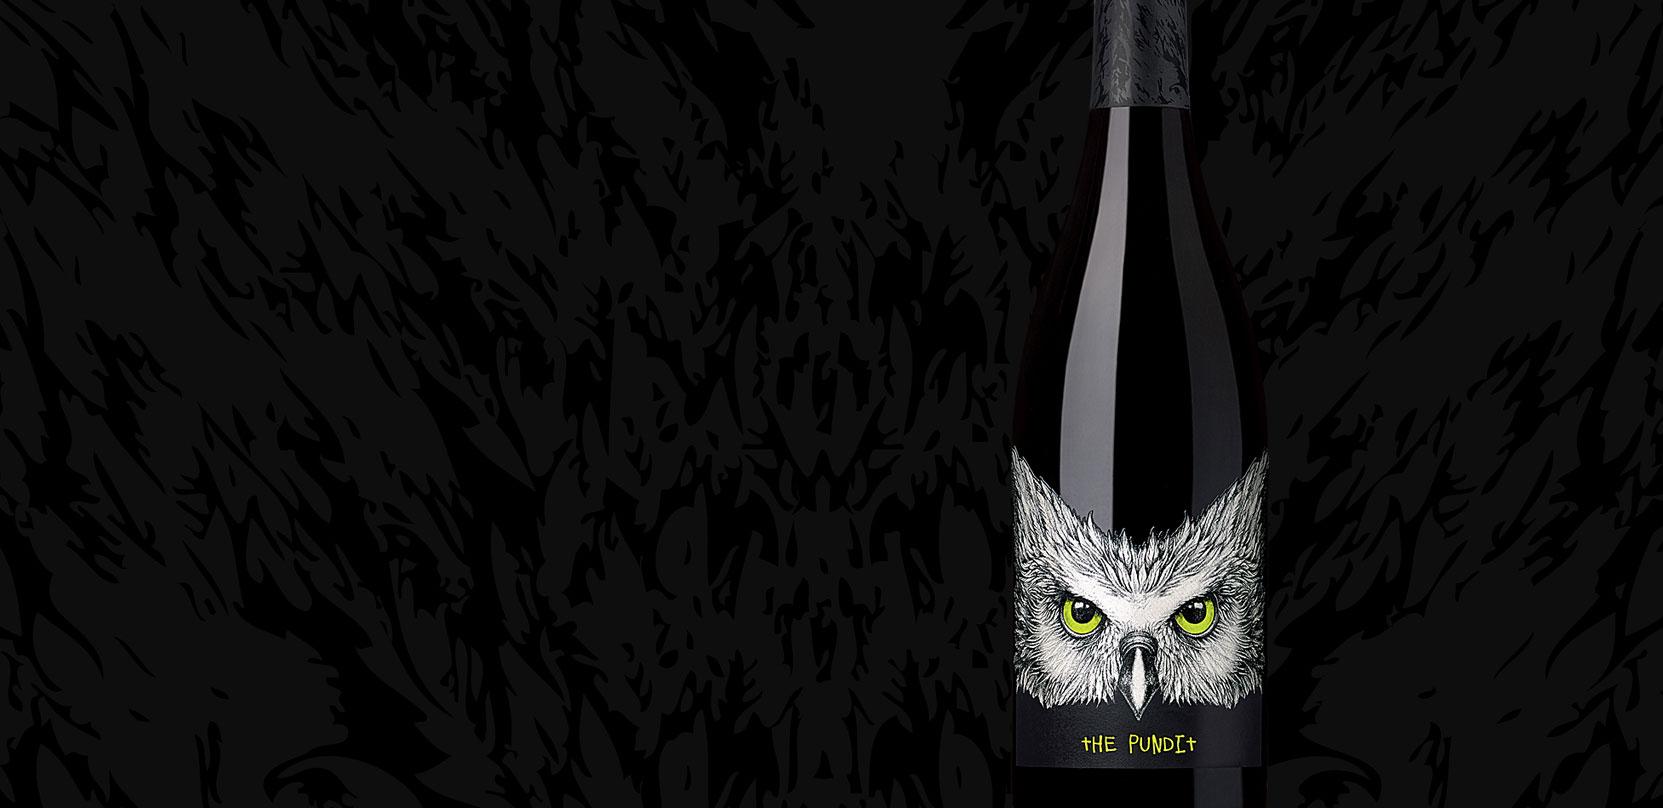 Tenet - Pundit Wine Bottle